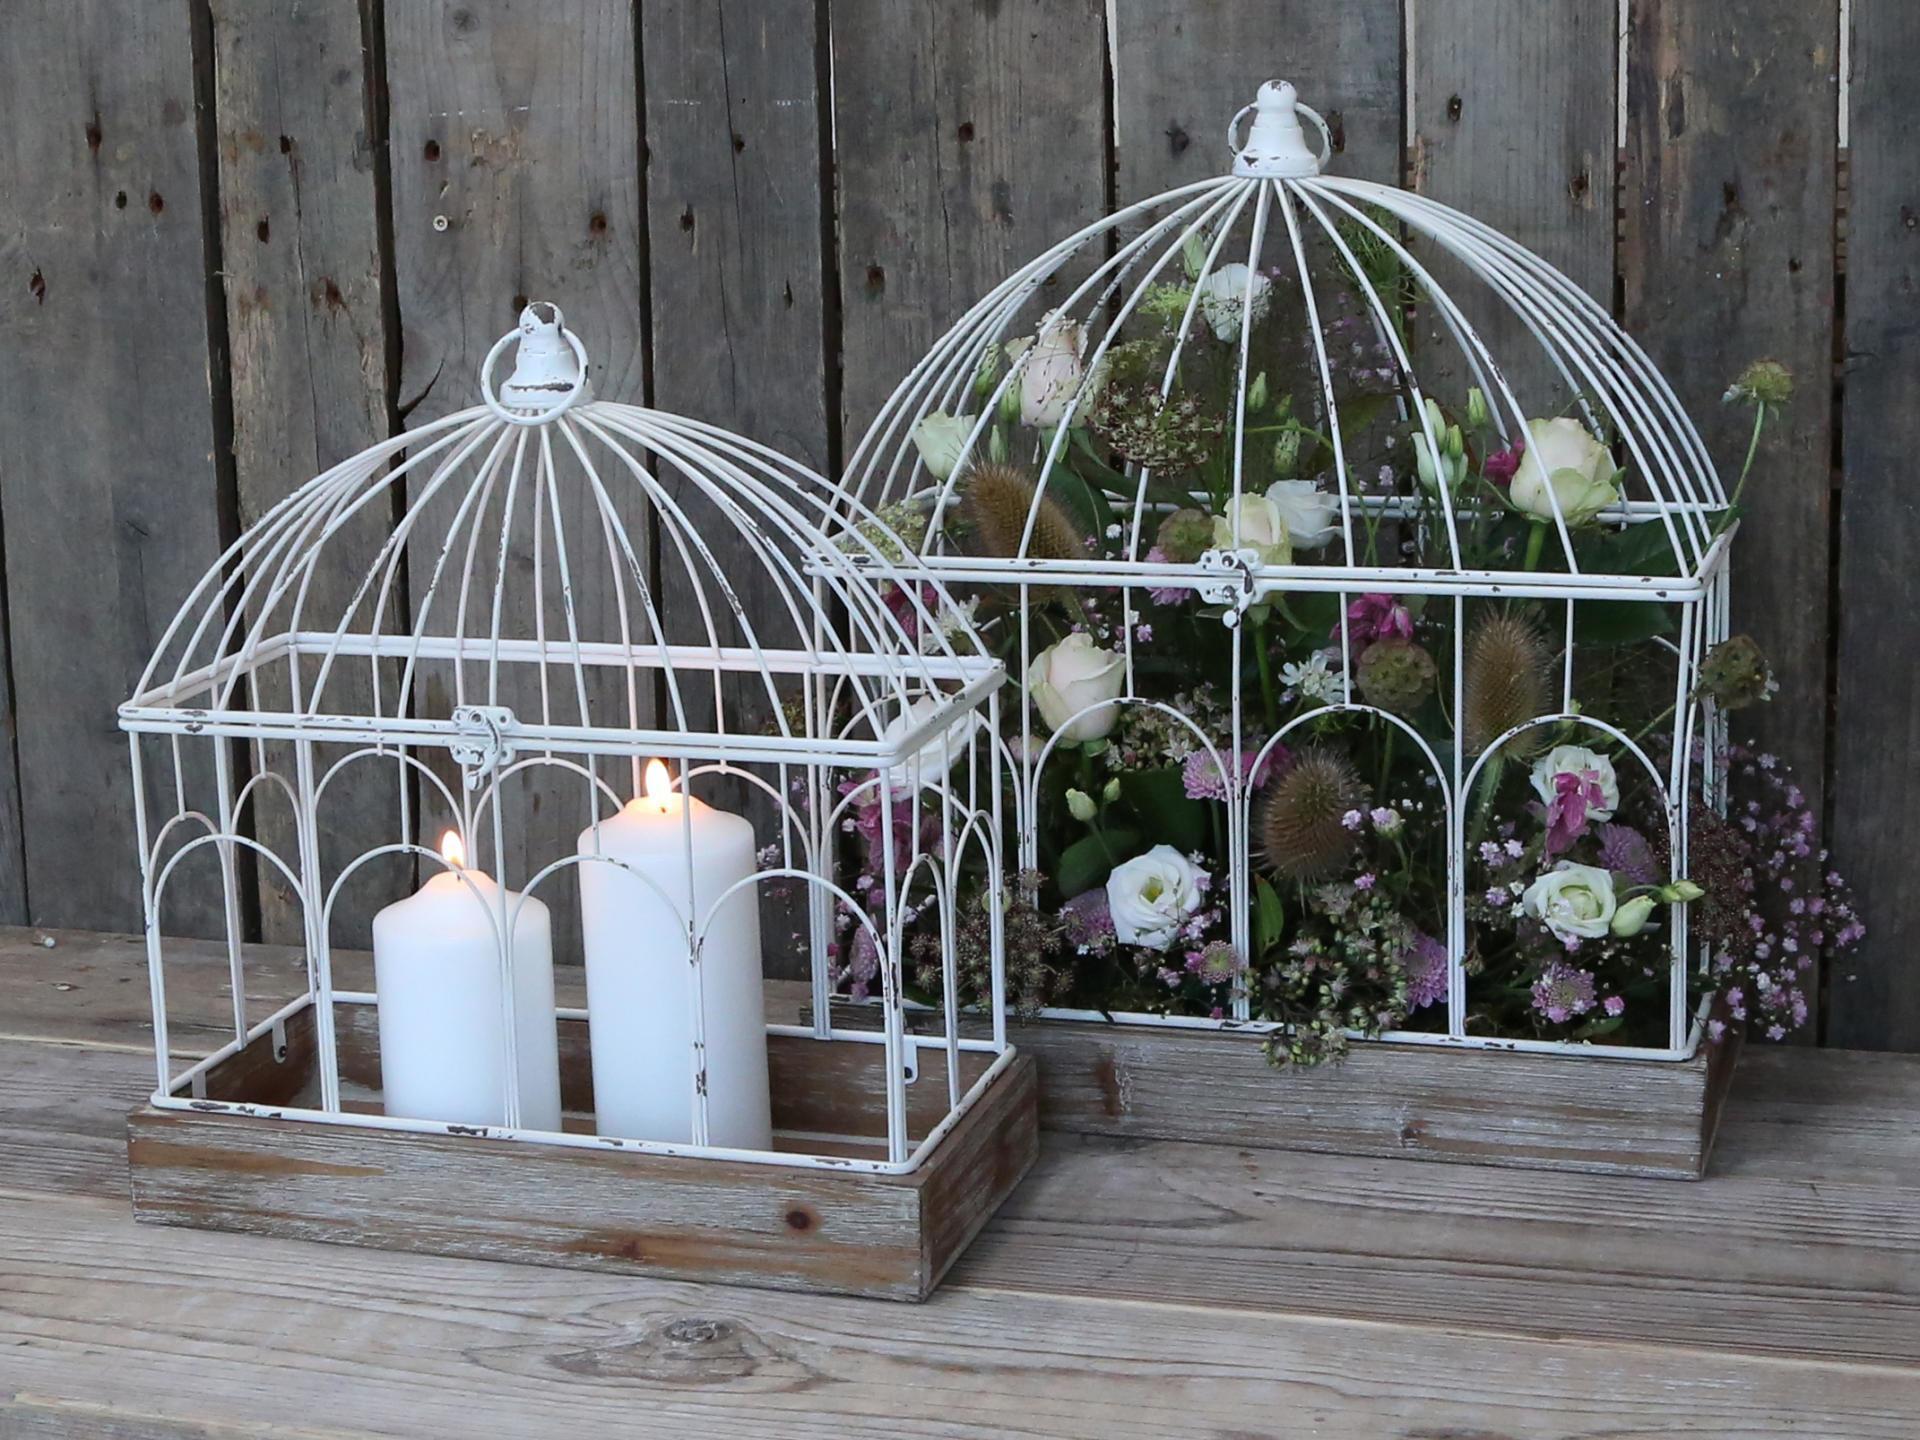 Chic Antique Drátěná klec na květinové dekorace Větší, bílá barva, přírodní barva, dřevo, kov